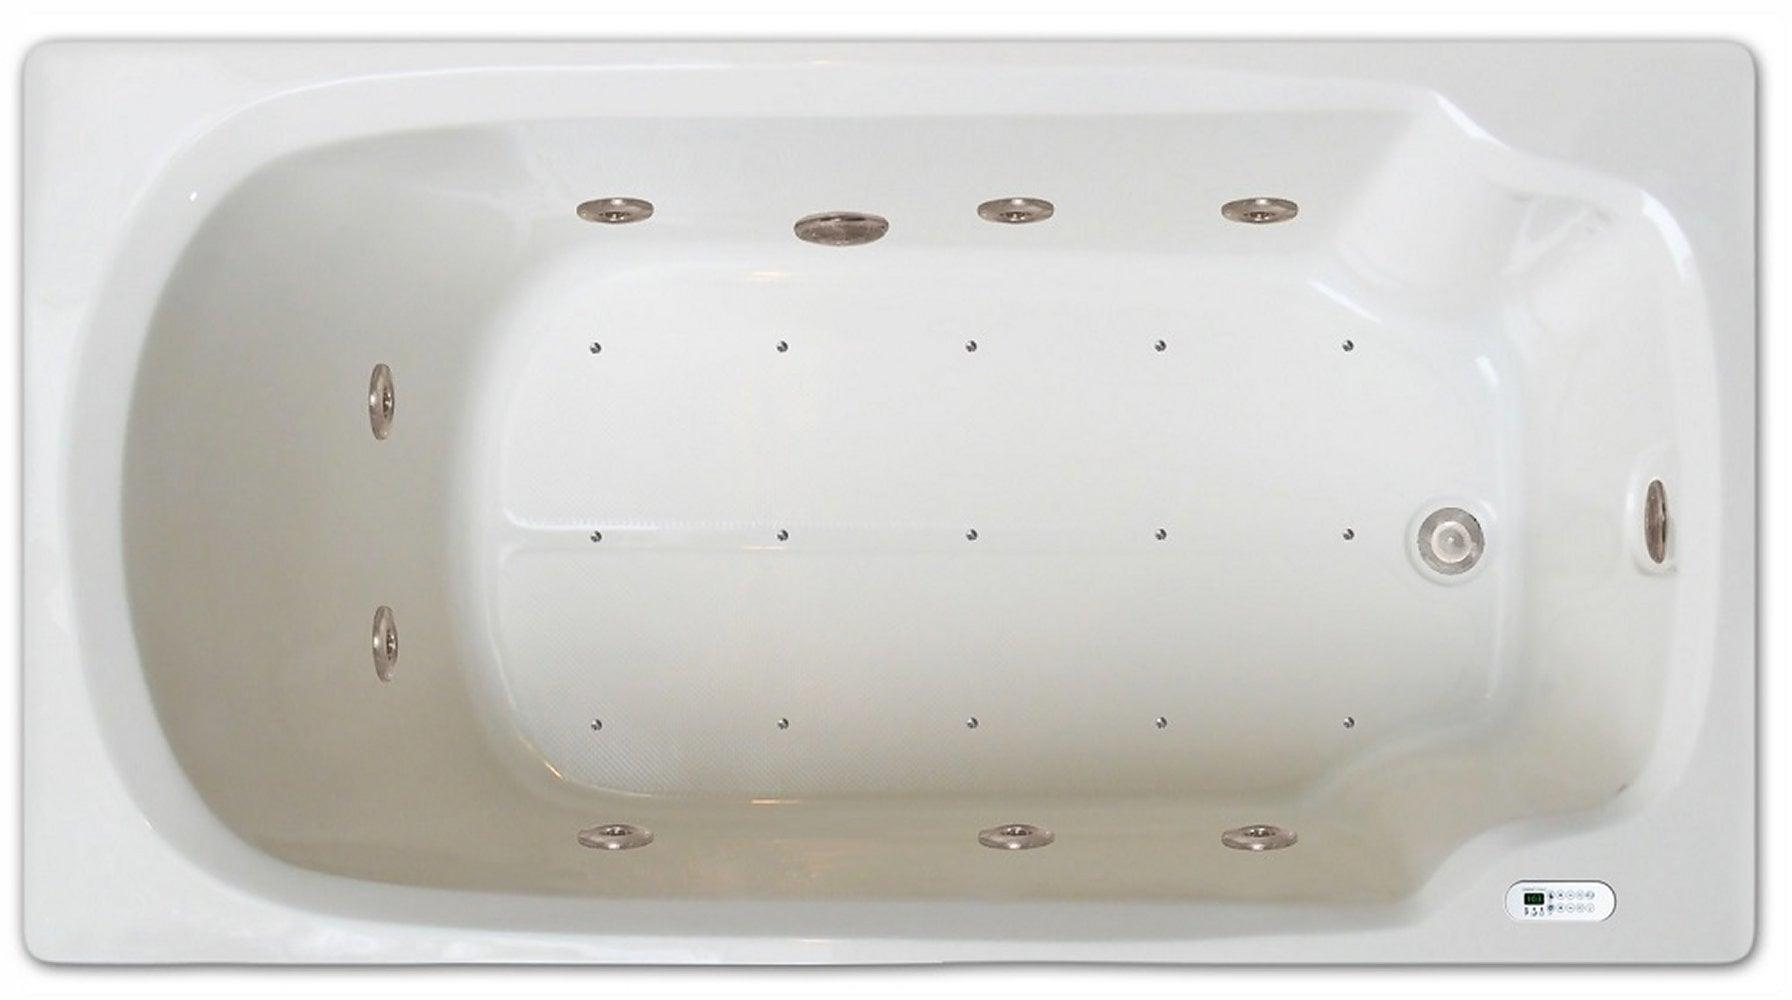 Drop-in Bathtub / 60x32x17.5 / high gloss white acrylic / Rectangle / LPI13-C-RD Pinnacle Bath - Air/Whirlpool Combo 0